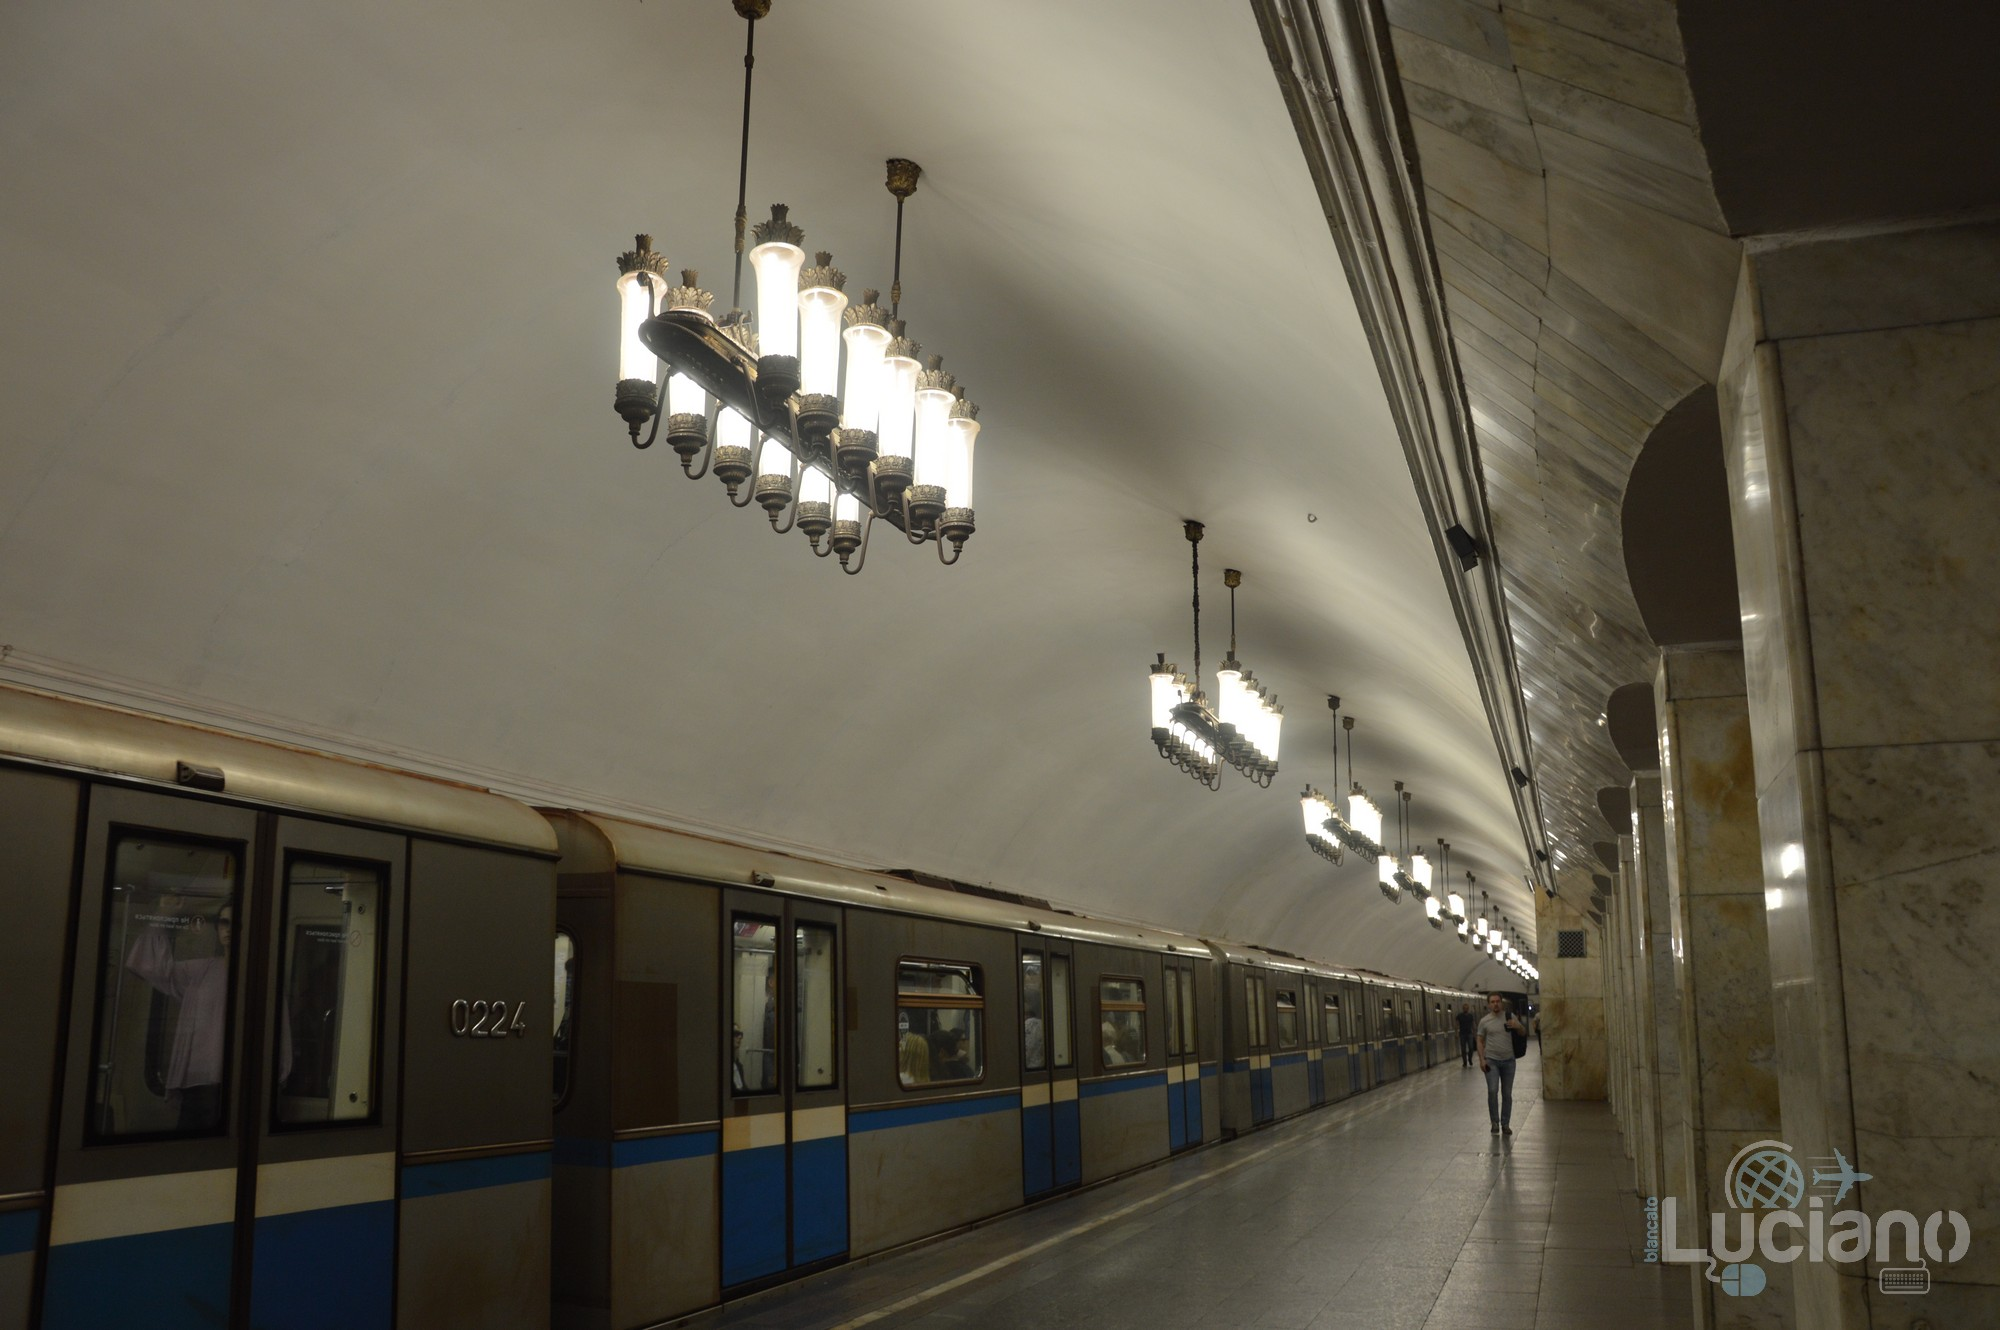 metropolitana-5-circolare-mosca-luciano-blancato (14)